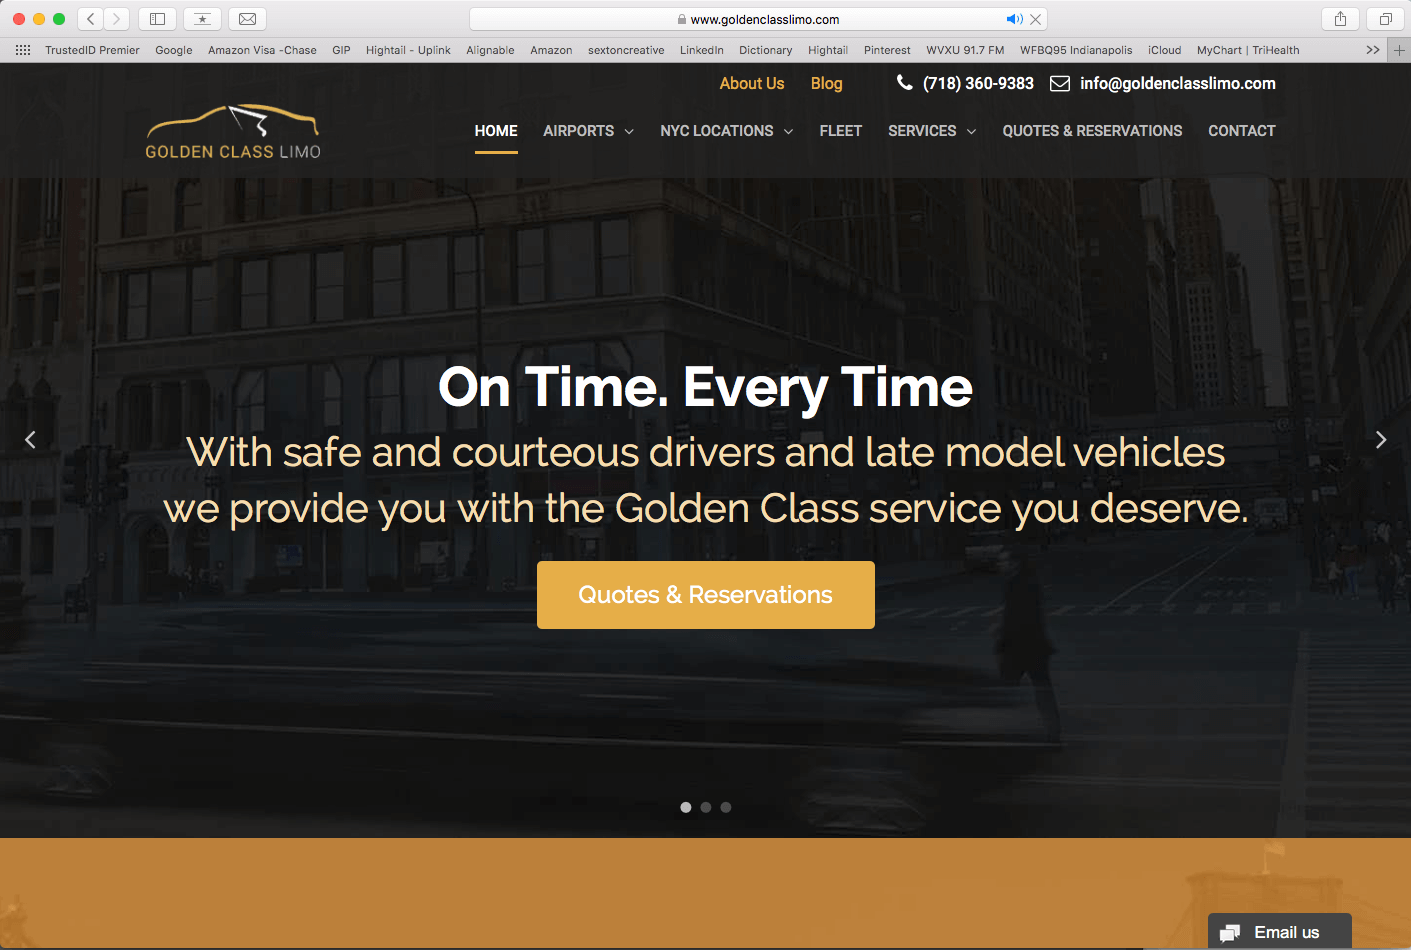 Web Design for Transportation Services